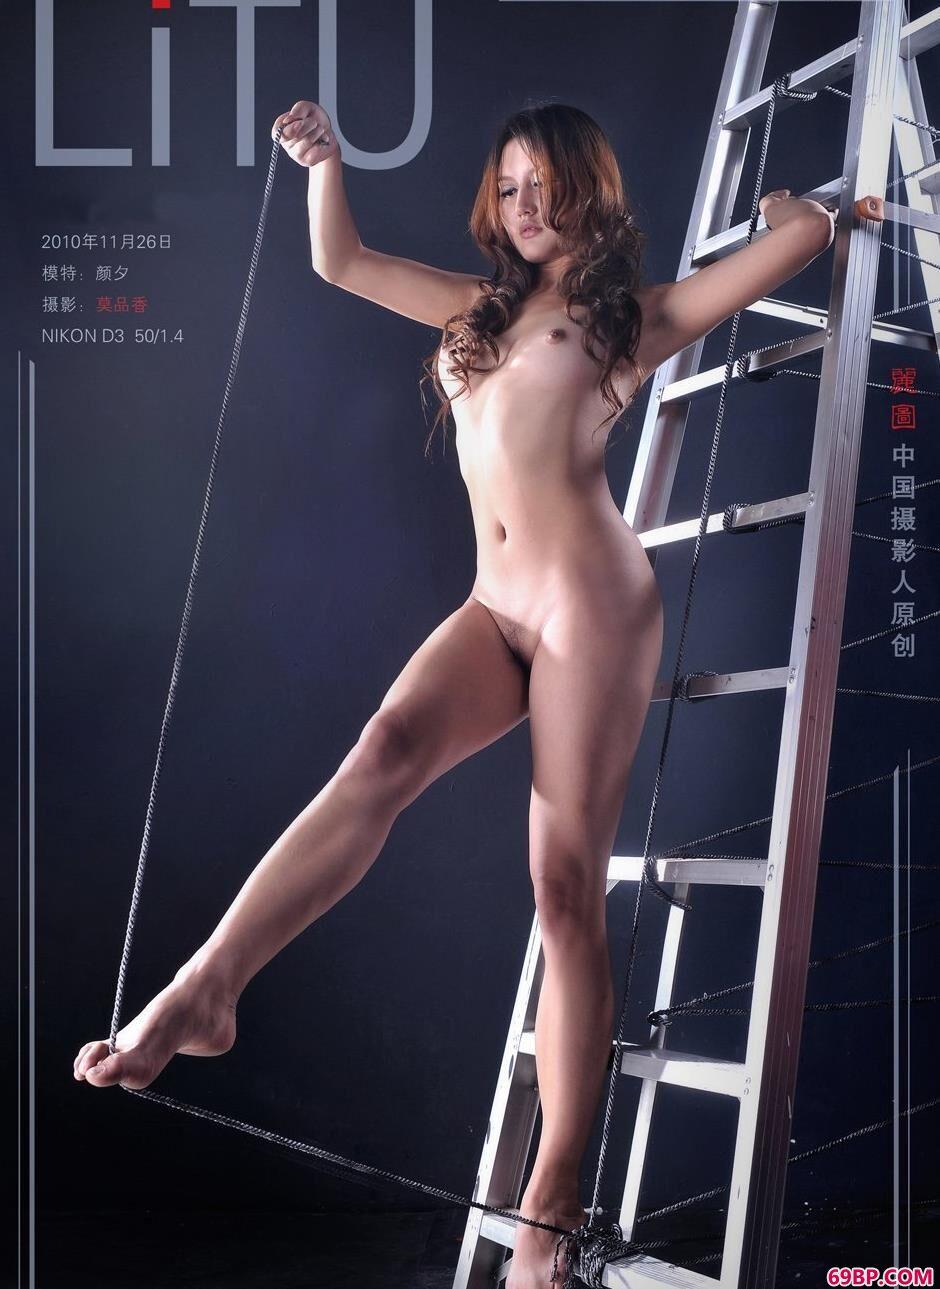 嫩模颜夕爬梯上的钢丝人体